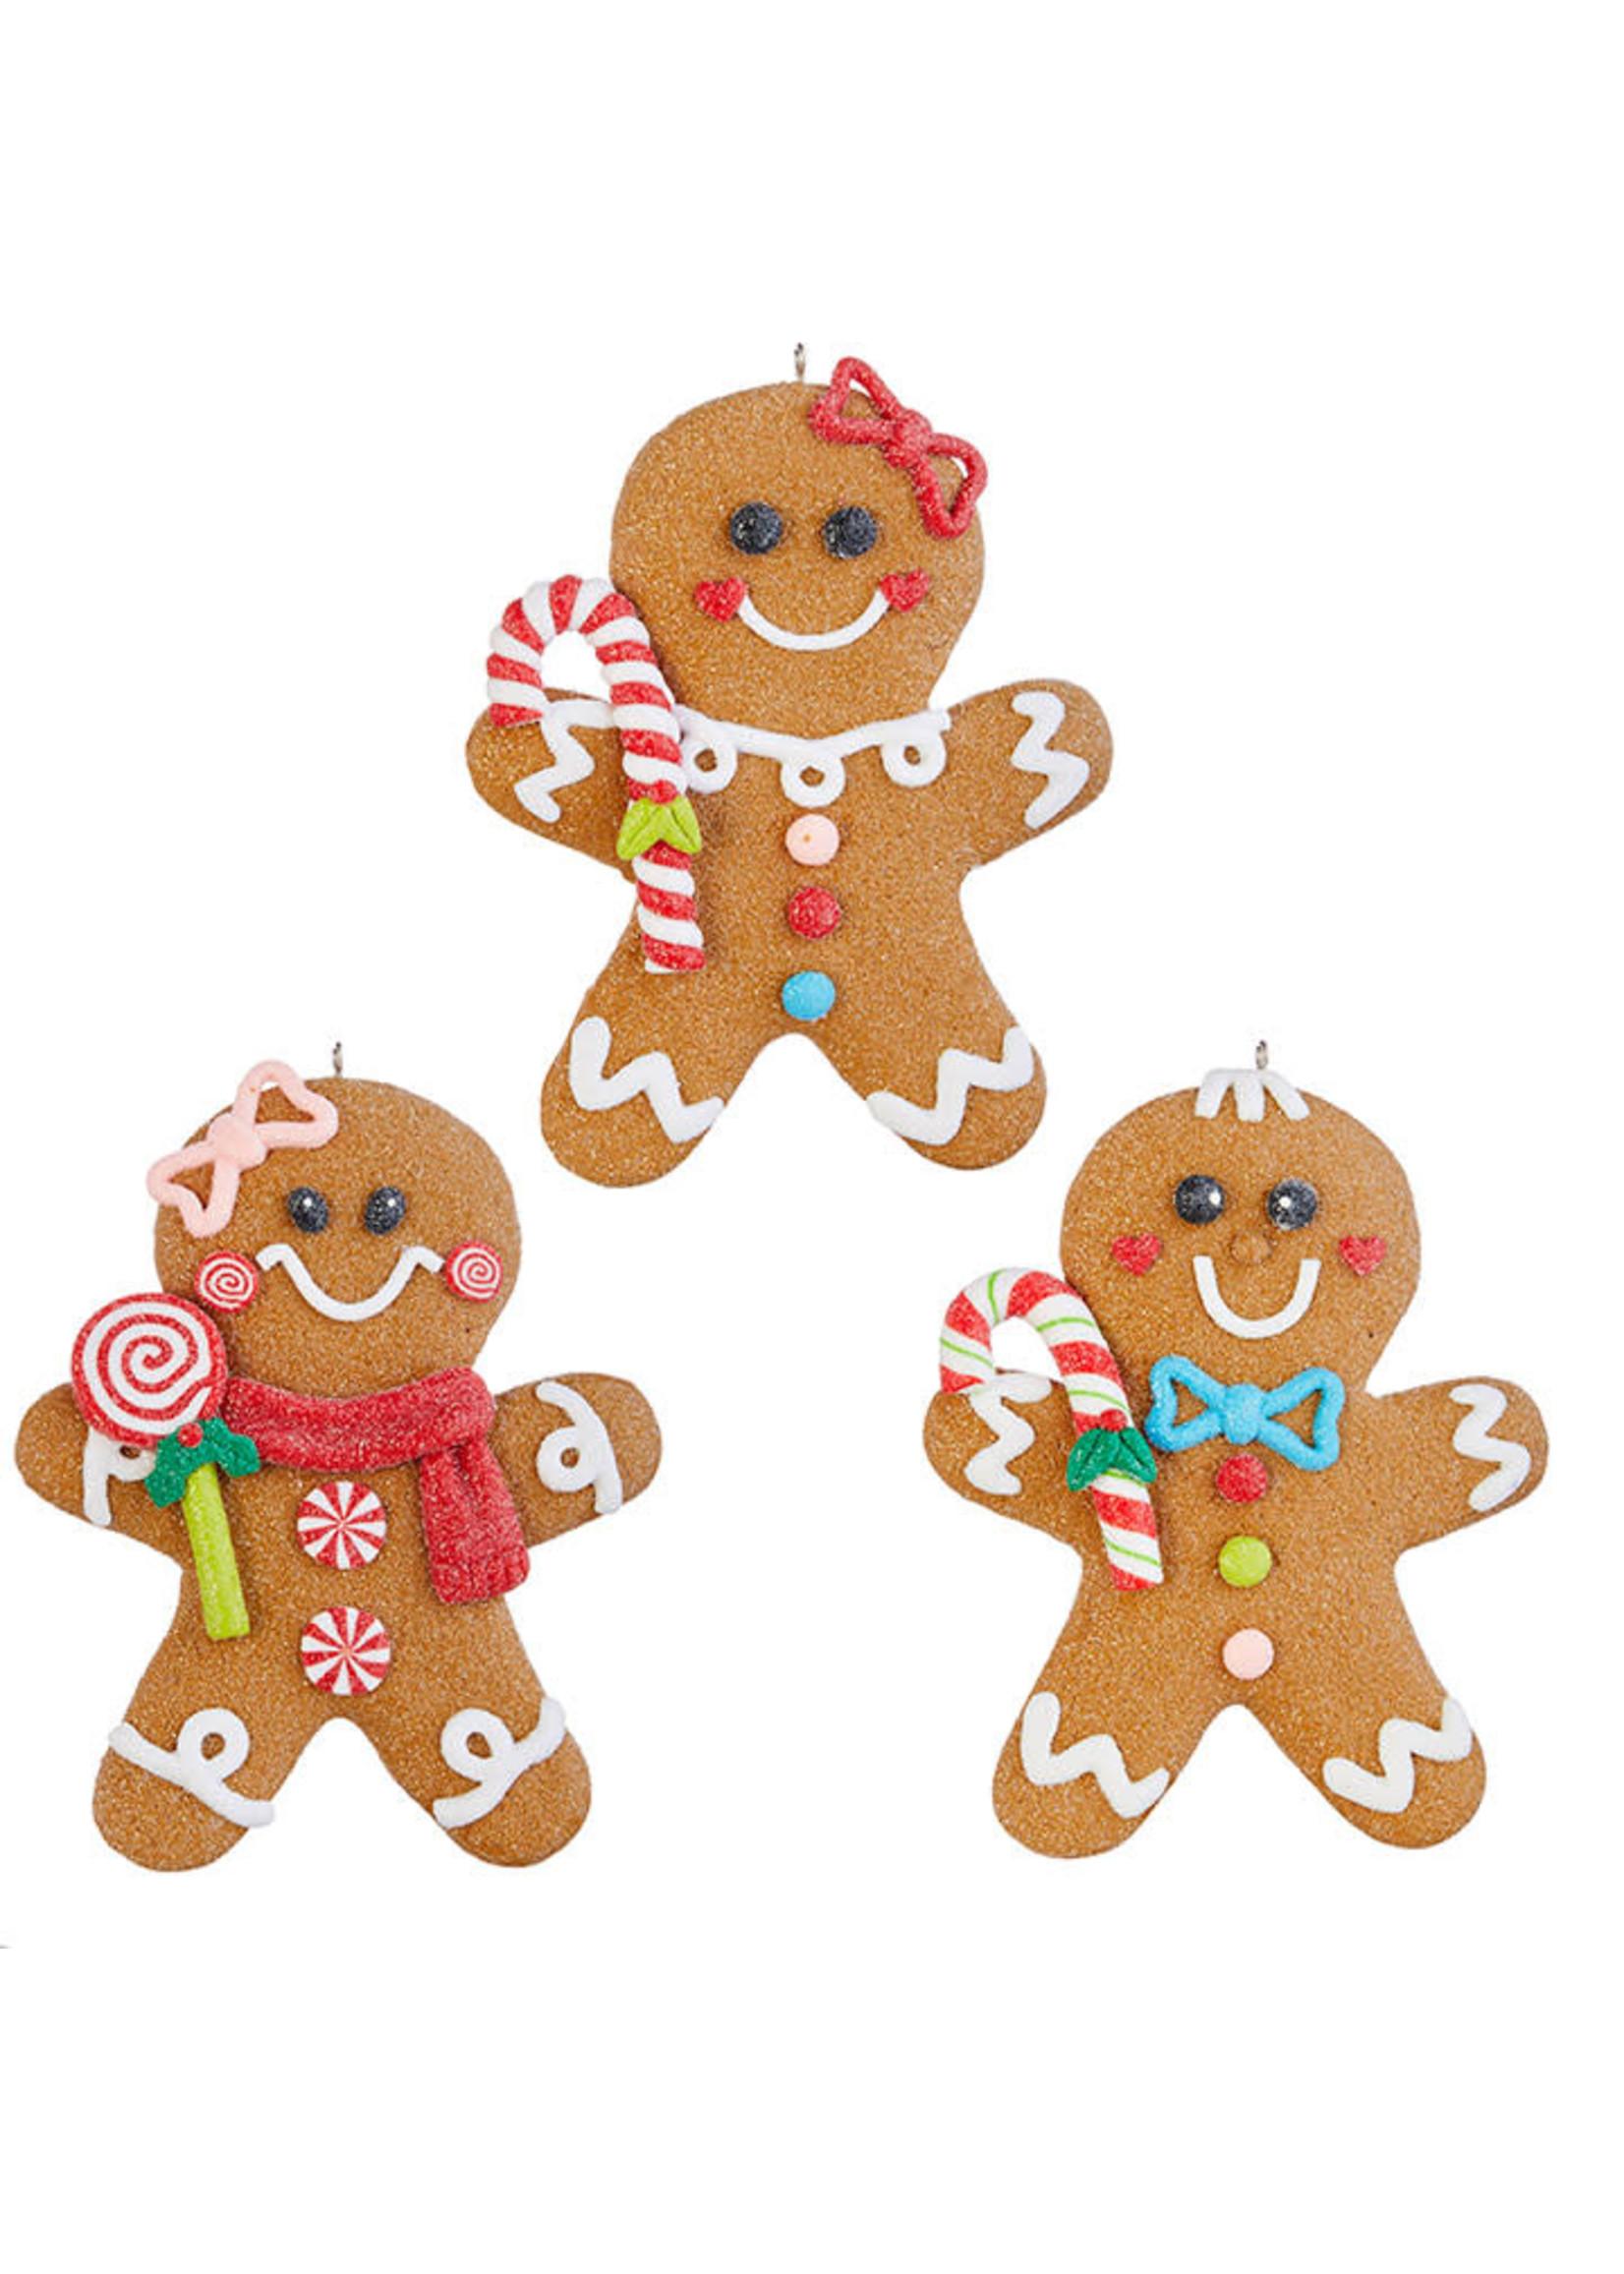 Raz Imports Gingerbread Man Ornament